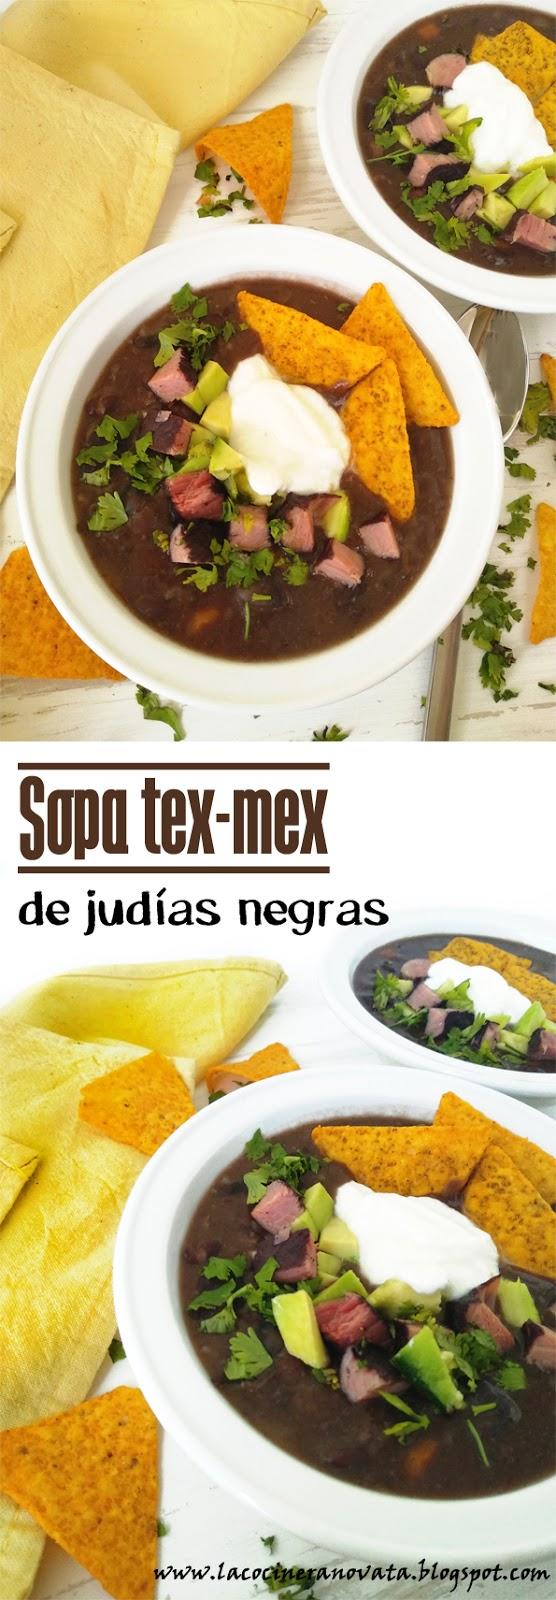 SOPA TEX MEX DE JUDIAS NEGRAS la cocinera novata cocina receta mexicana legumbres alubias guiso